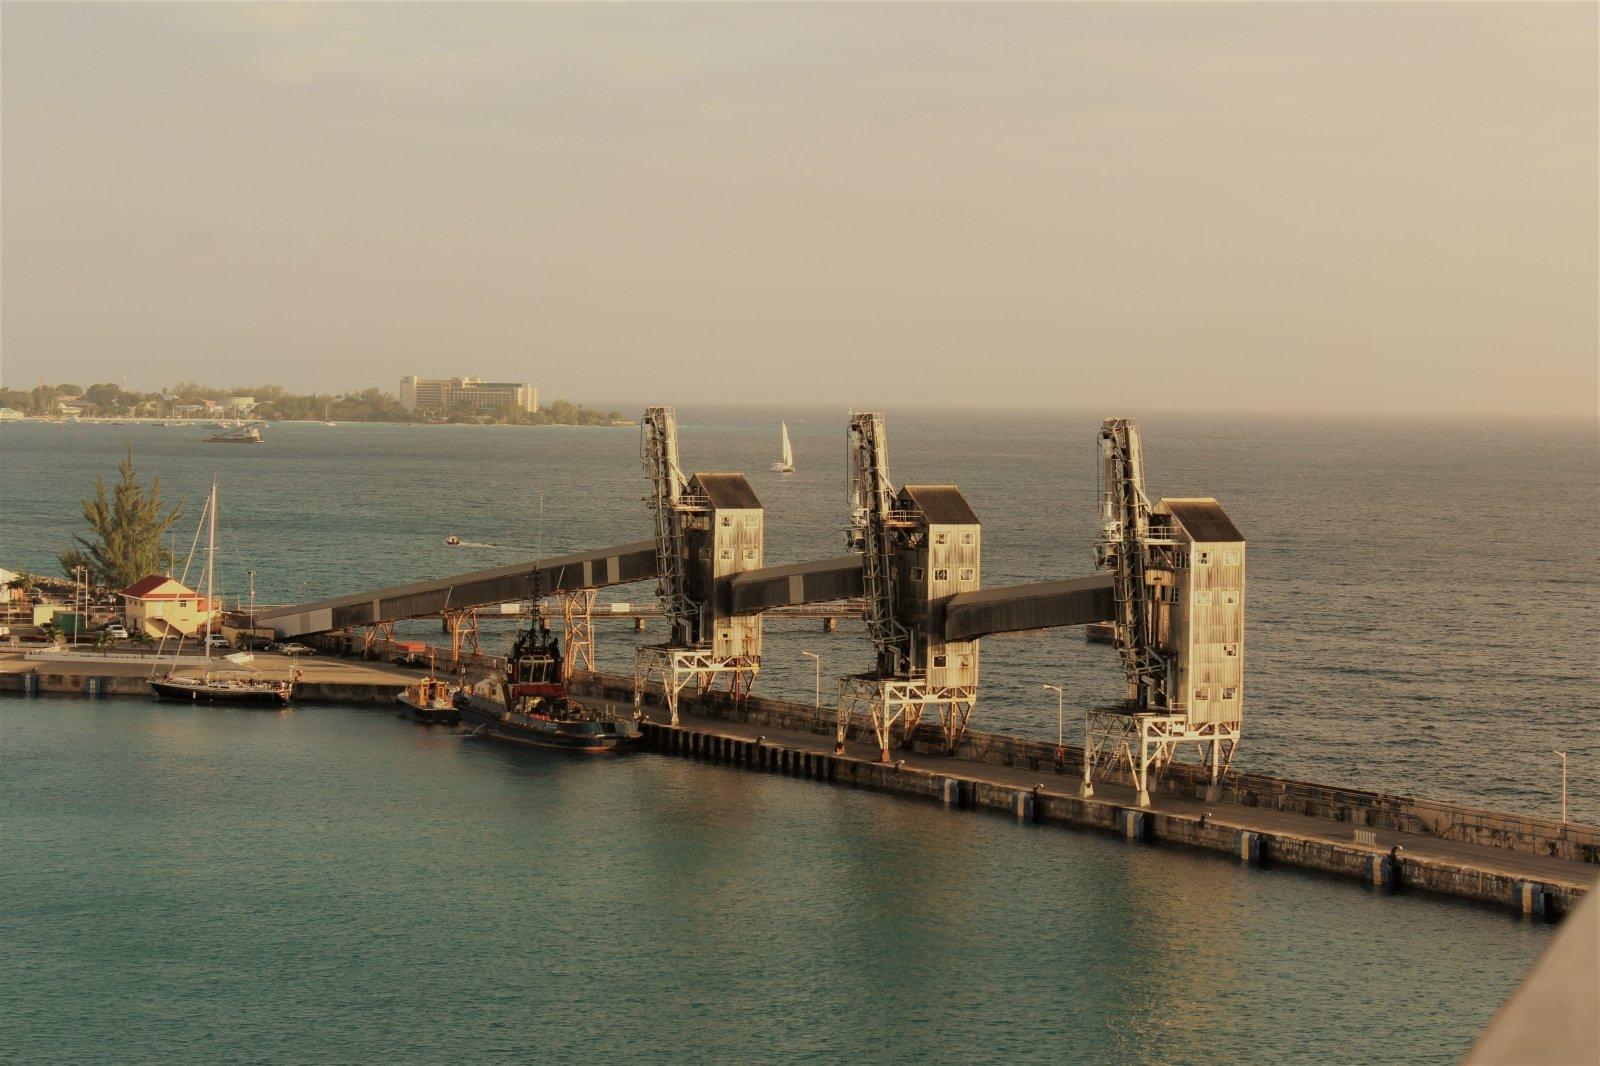 naftos prekybos bendrovs lietuva apžvalgos apie bnomo dvejetainius variantus